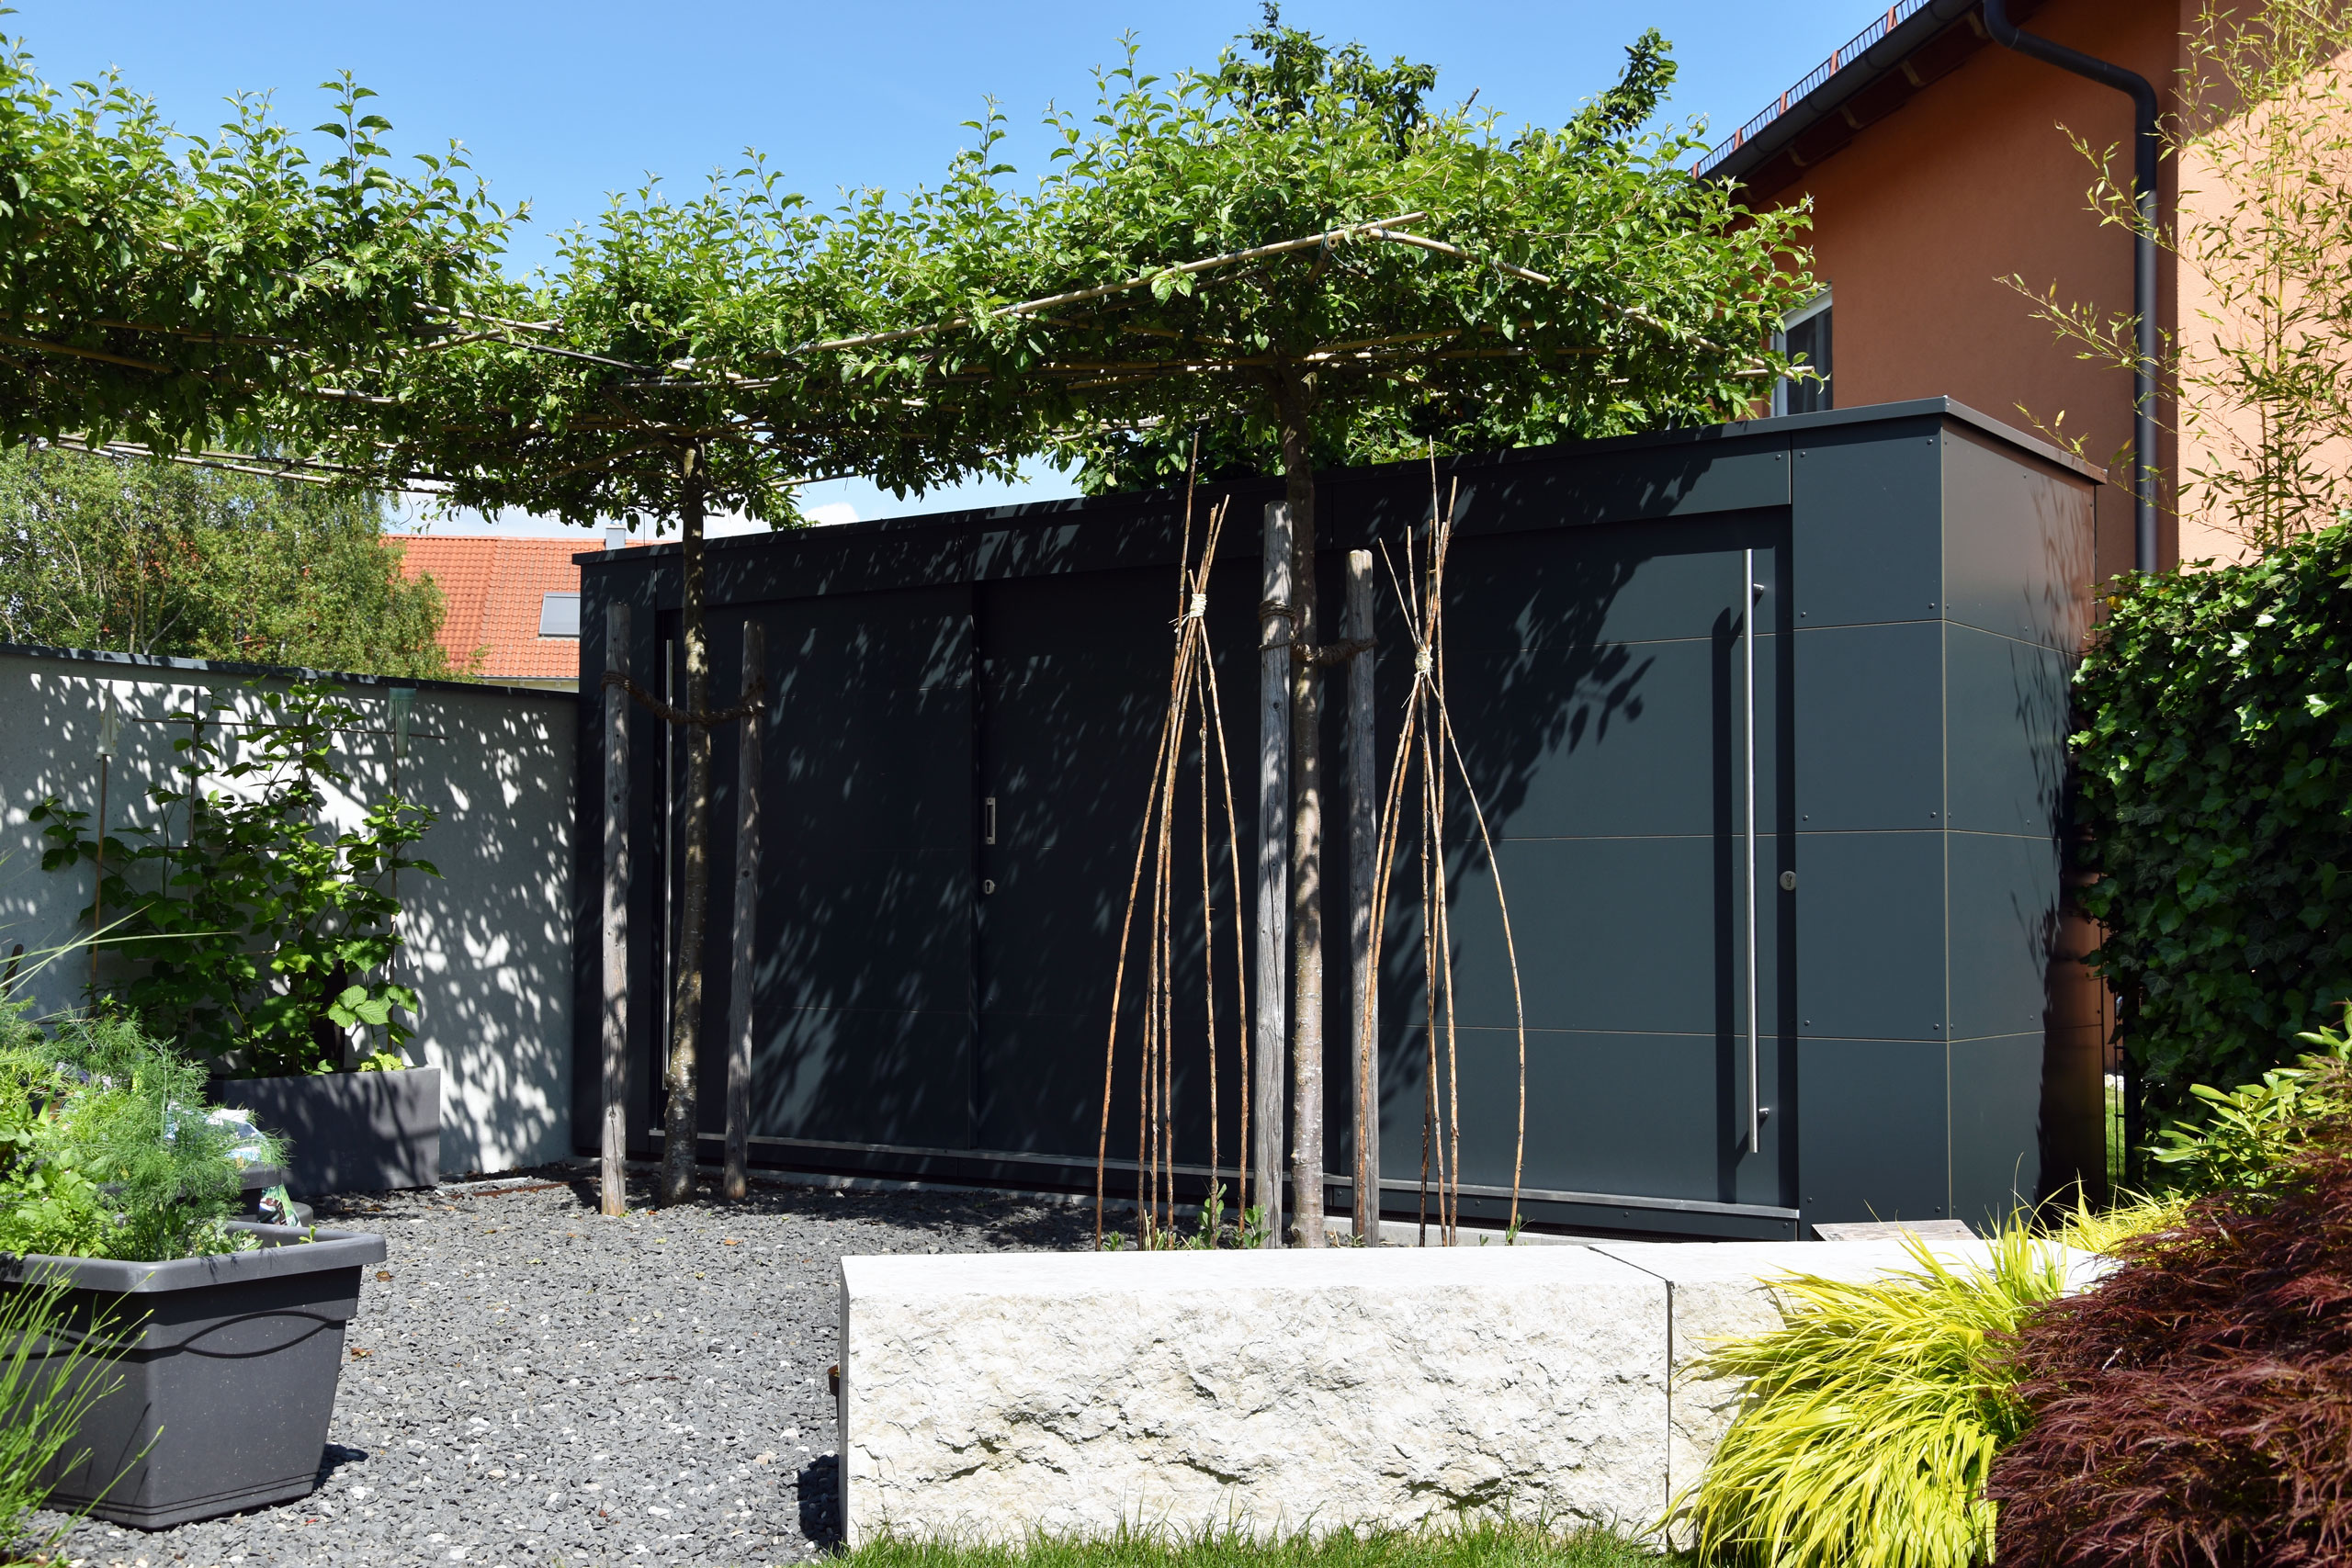 Referenz 85651 Pliening | GarDomo | KABINETT Design Gartenschrank 0000